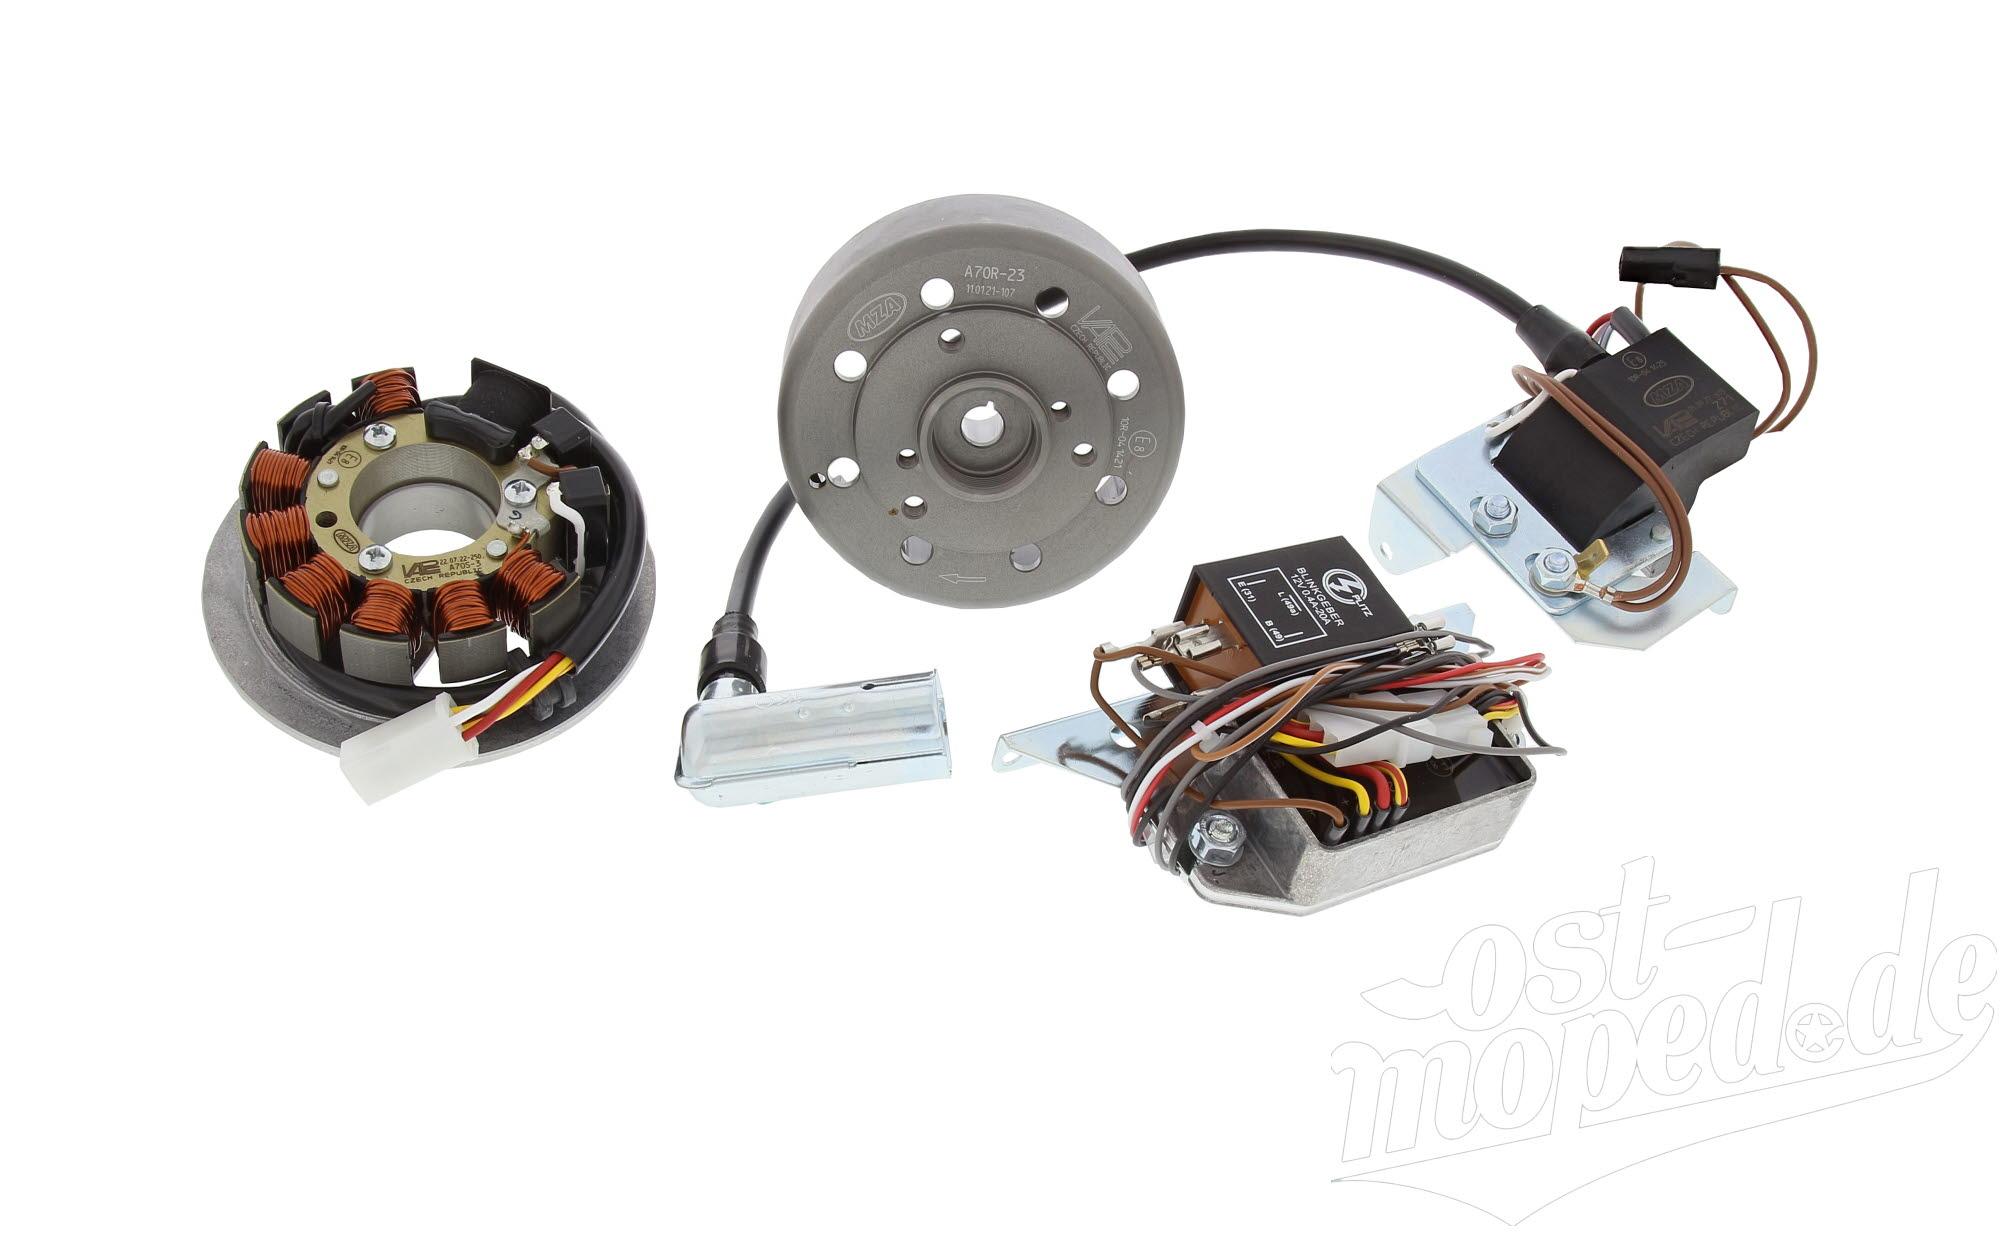 Umrüstsatz Vape - auf 12V - ohne Batterie, Hupe und Kugellampen  S50, S51, S70